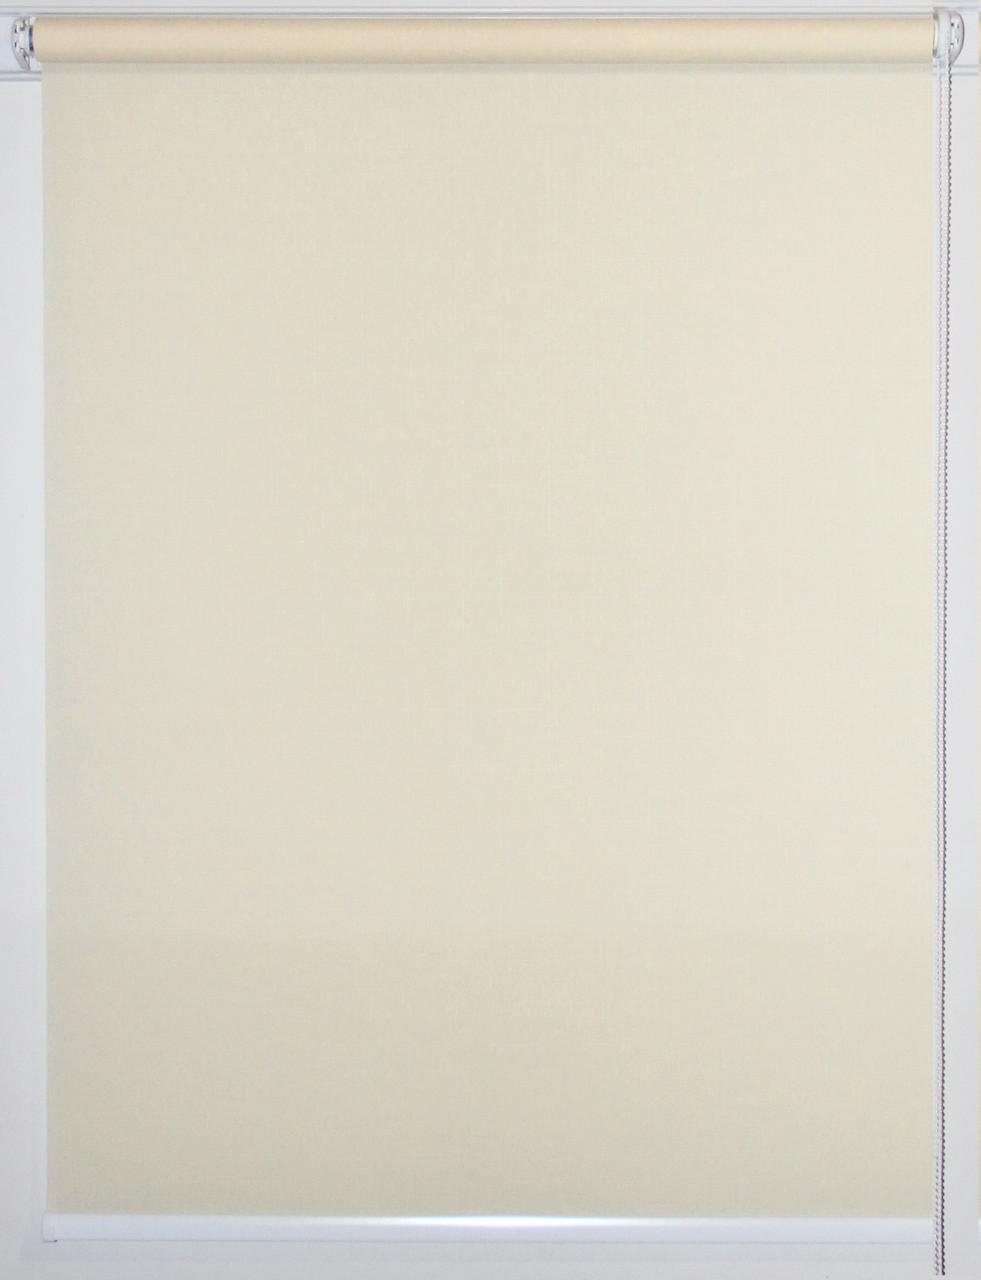 Рулонная штора 1500*1500 Ткань Лён 875 Слоновая кость